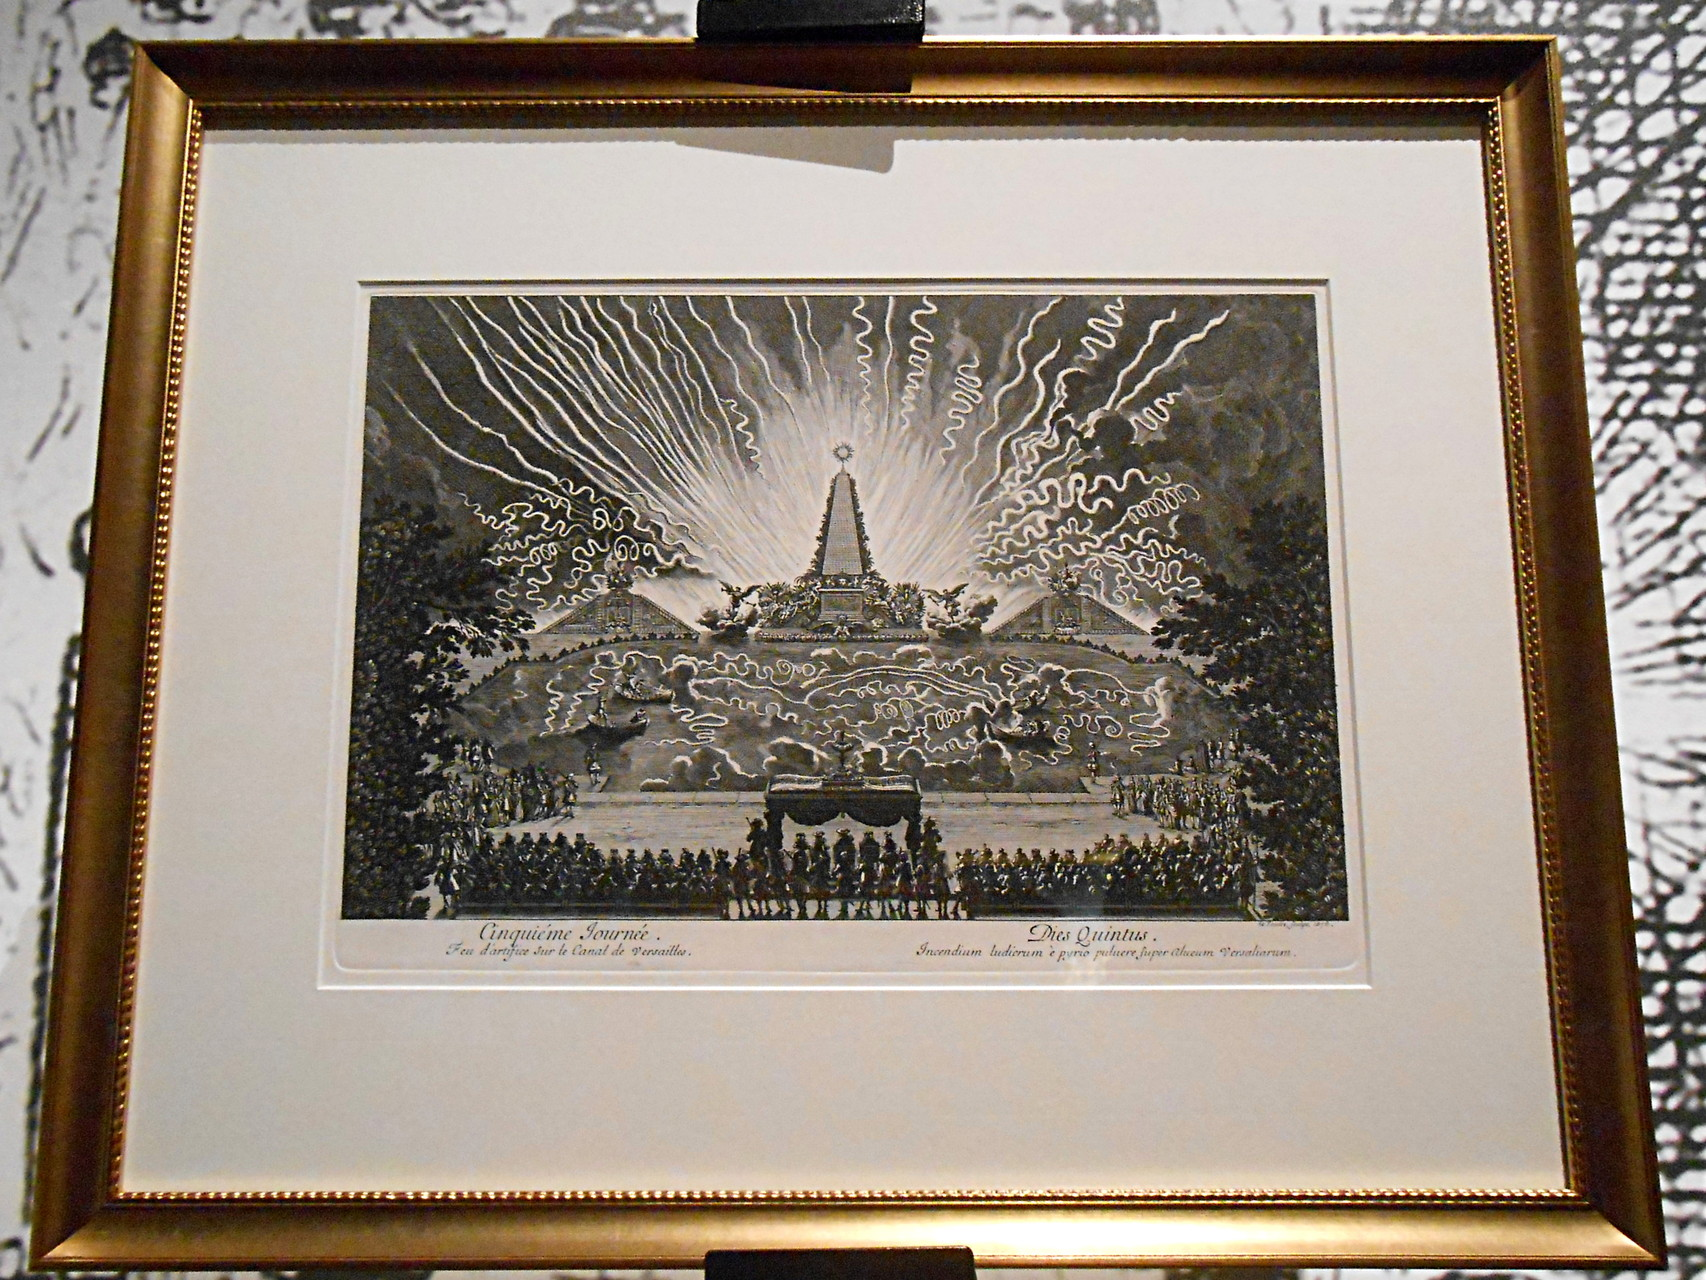 Evocation des Illuminations du parc de Versailles lors de fêtes royales